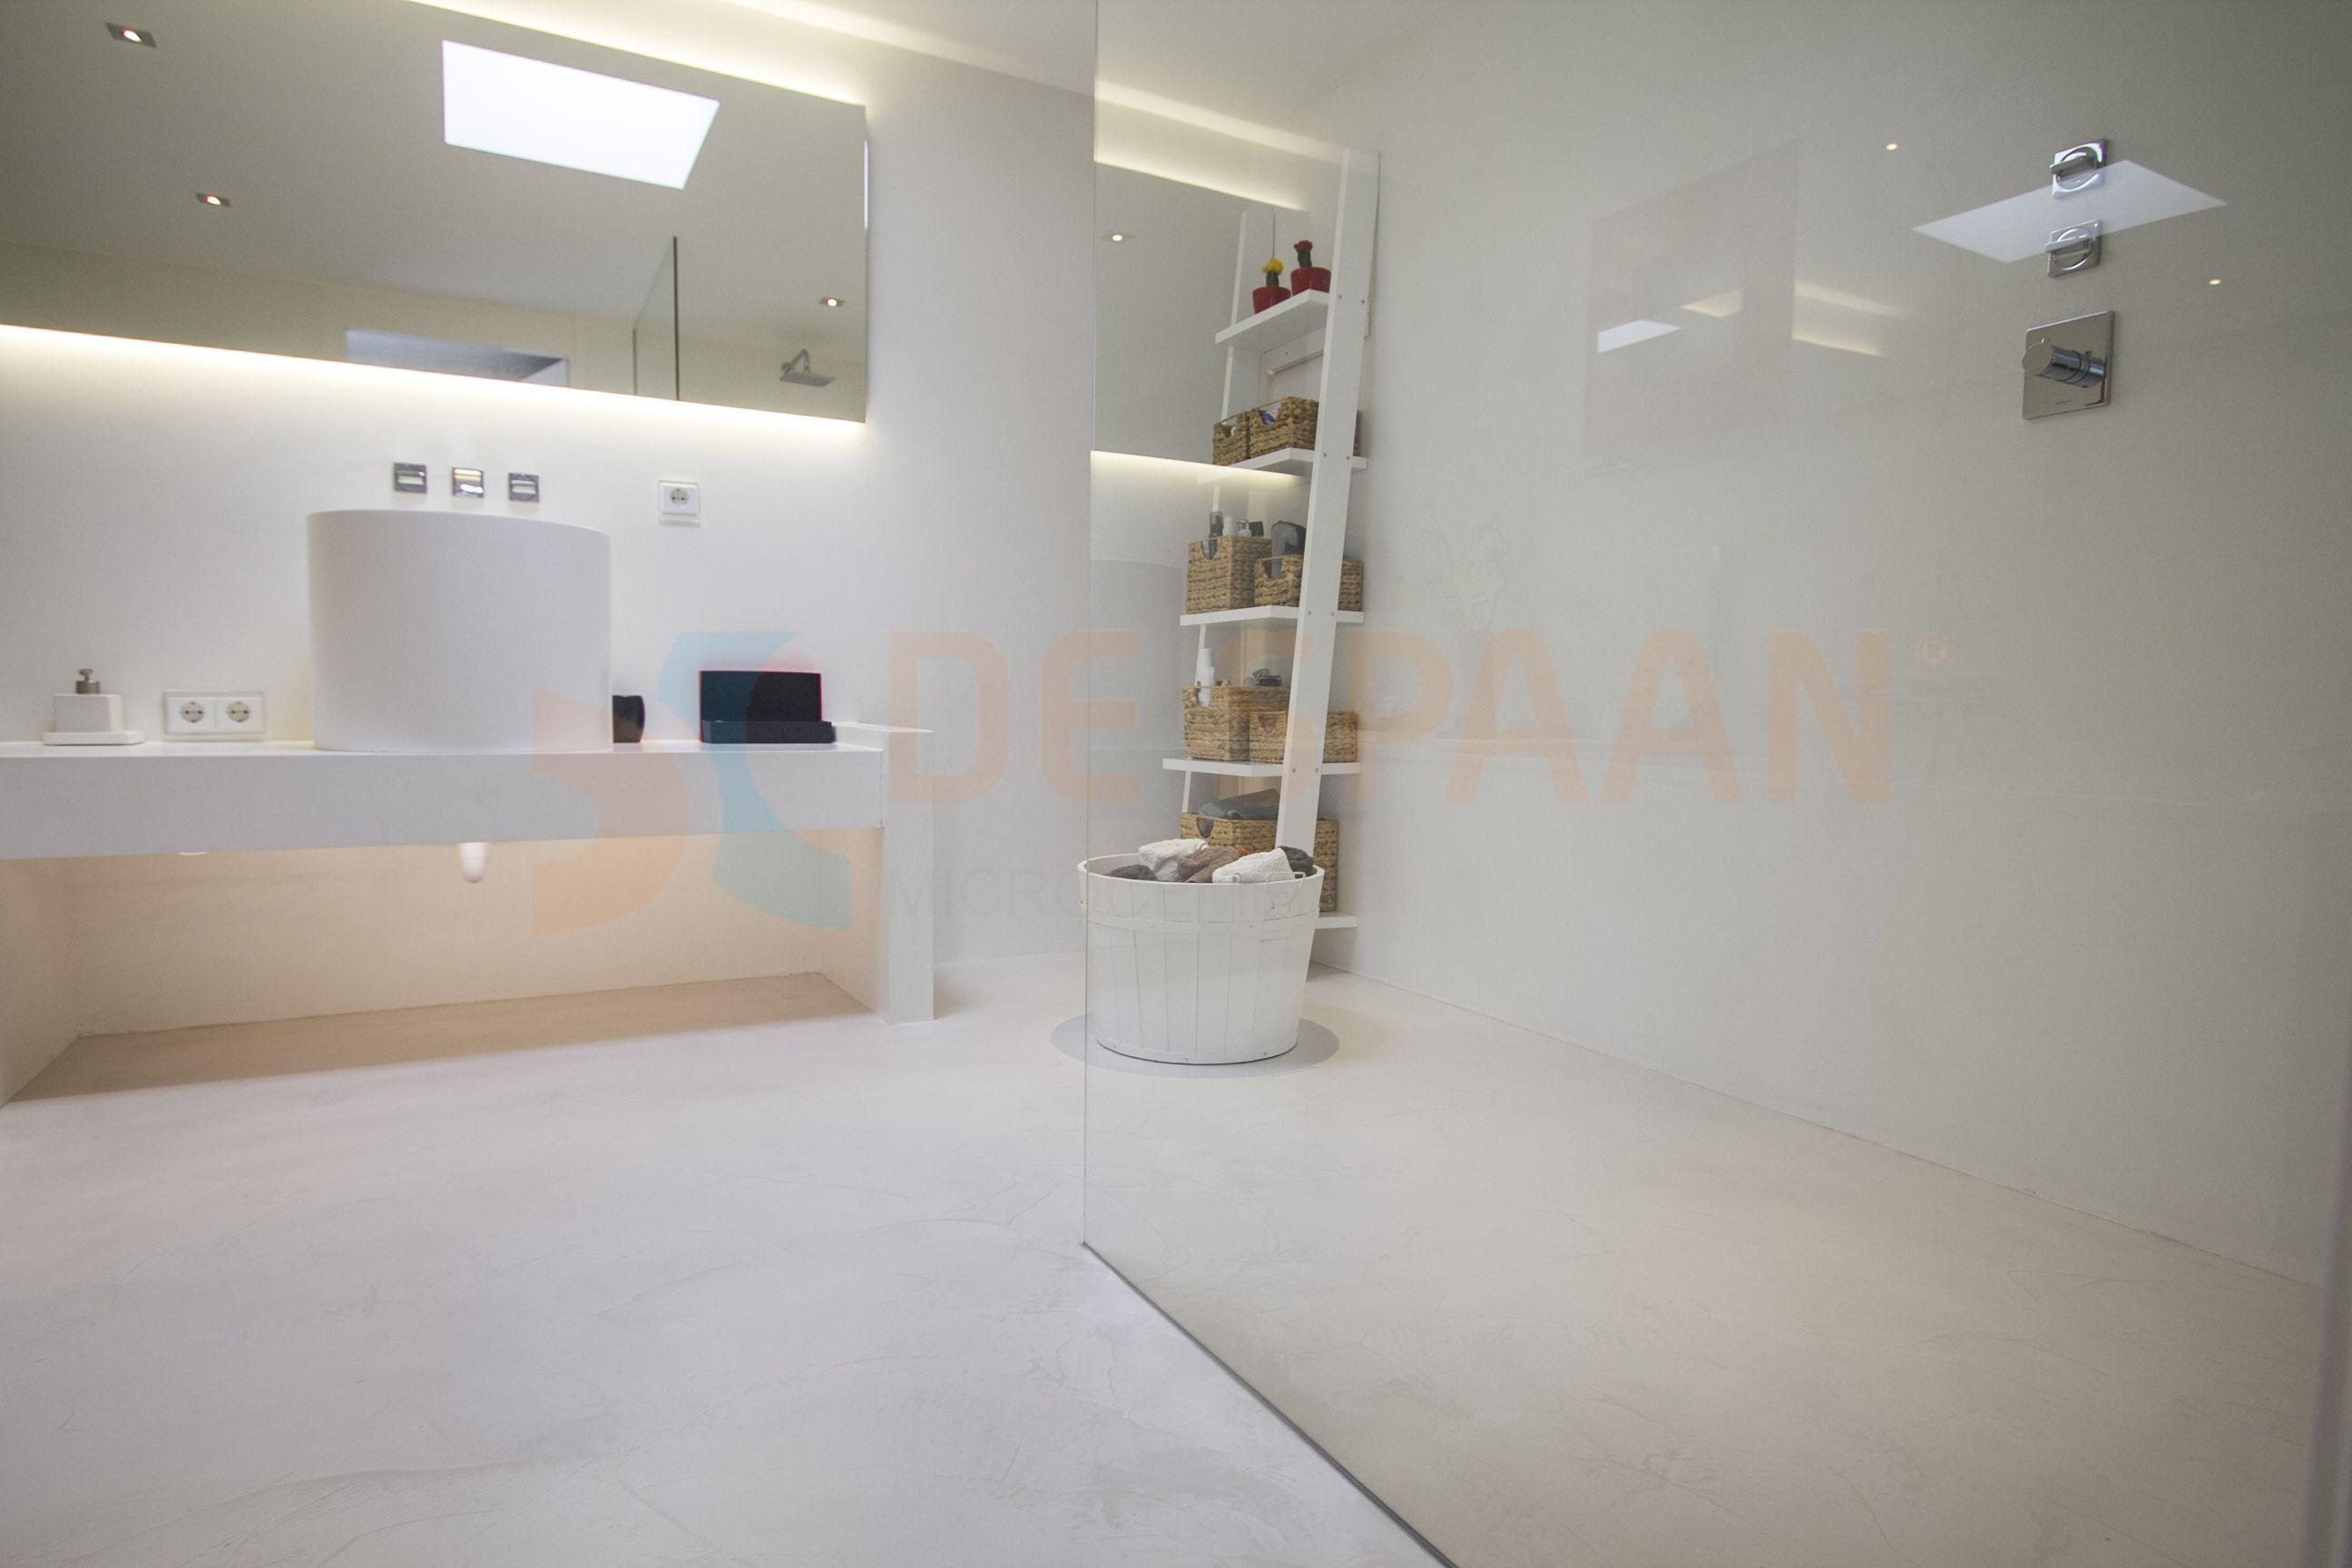 Gietvloer Wanden Badkamer : Gietvloer badkamer wanden microcement vloer badkamer